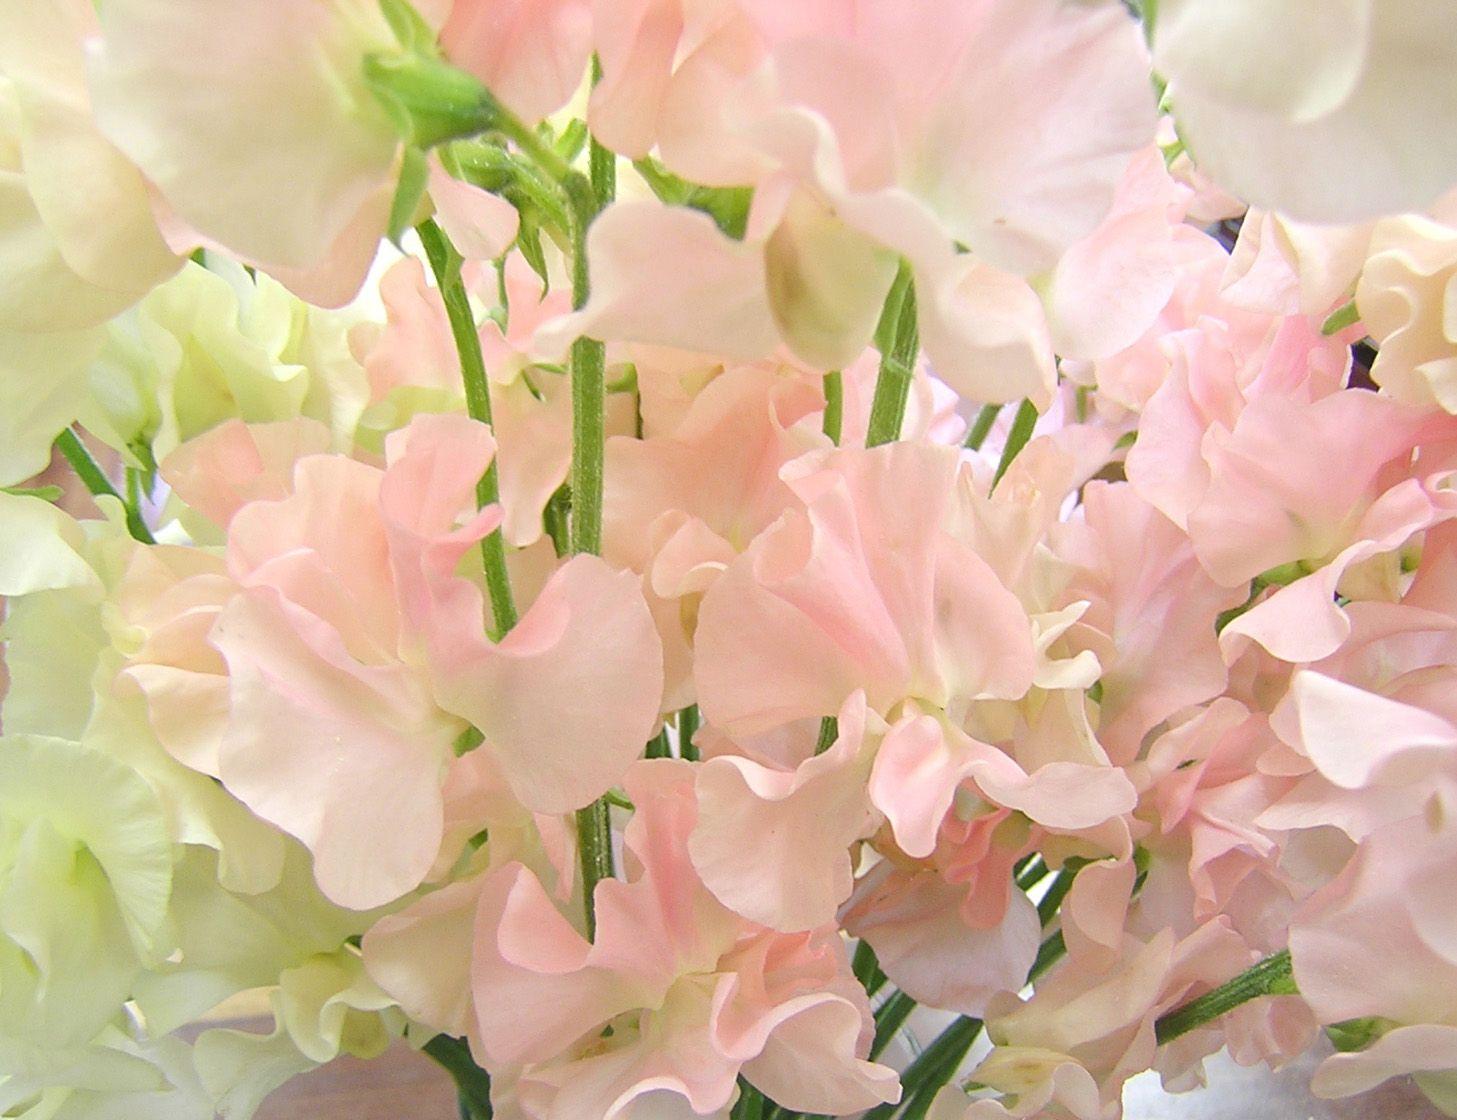 Картинки розовых цветов с названиями.: kartinki-cvetov.ru/kartinki-rozovyh-cvetov.html